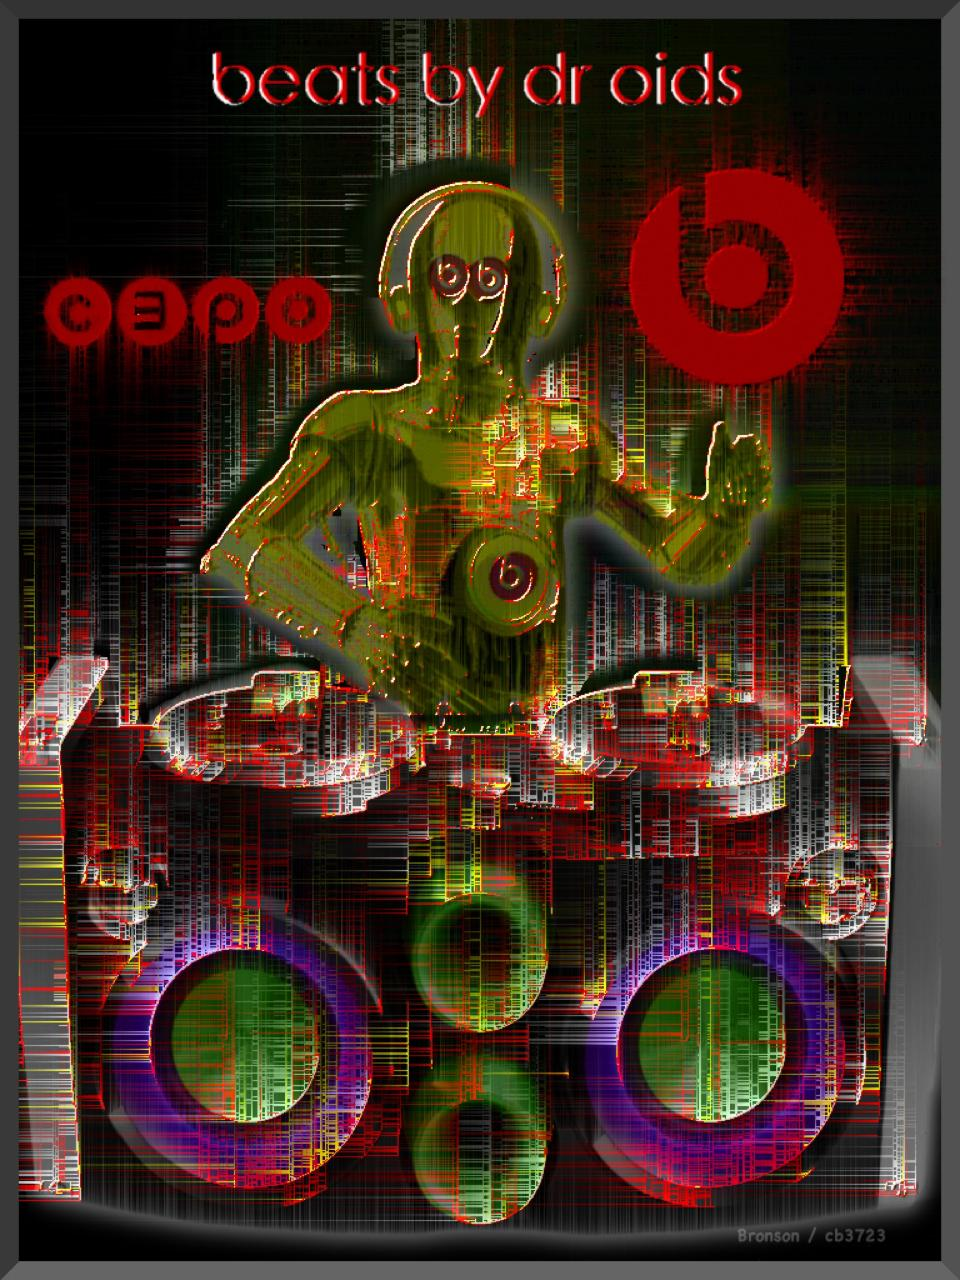 beats by dr oids - beats/starwars photo pop art